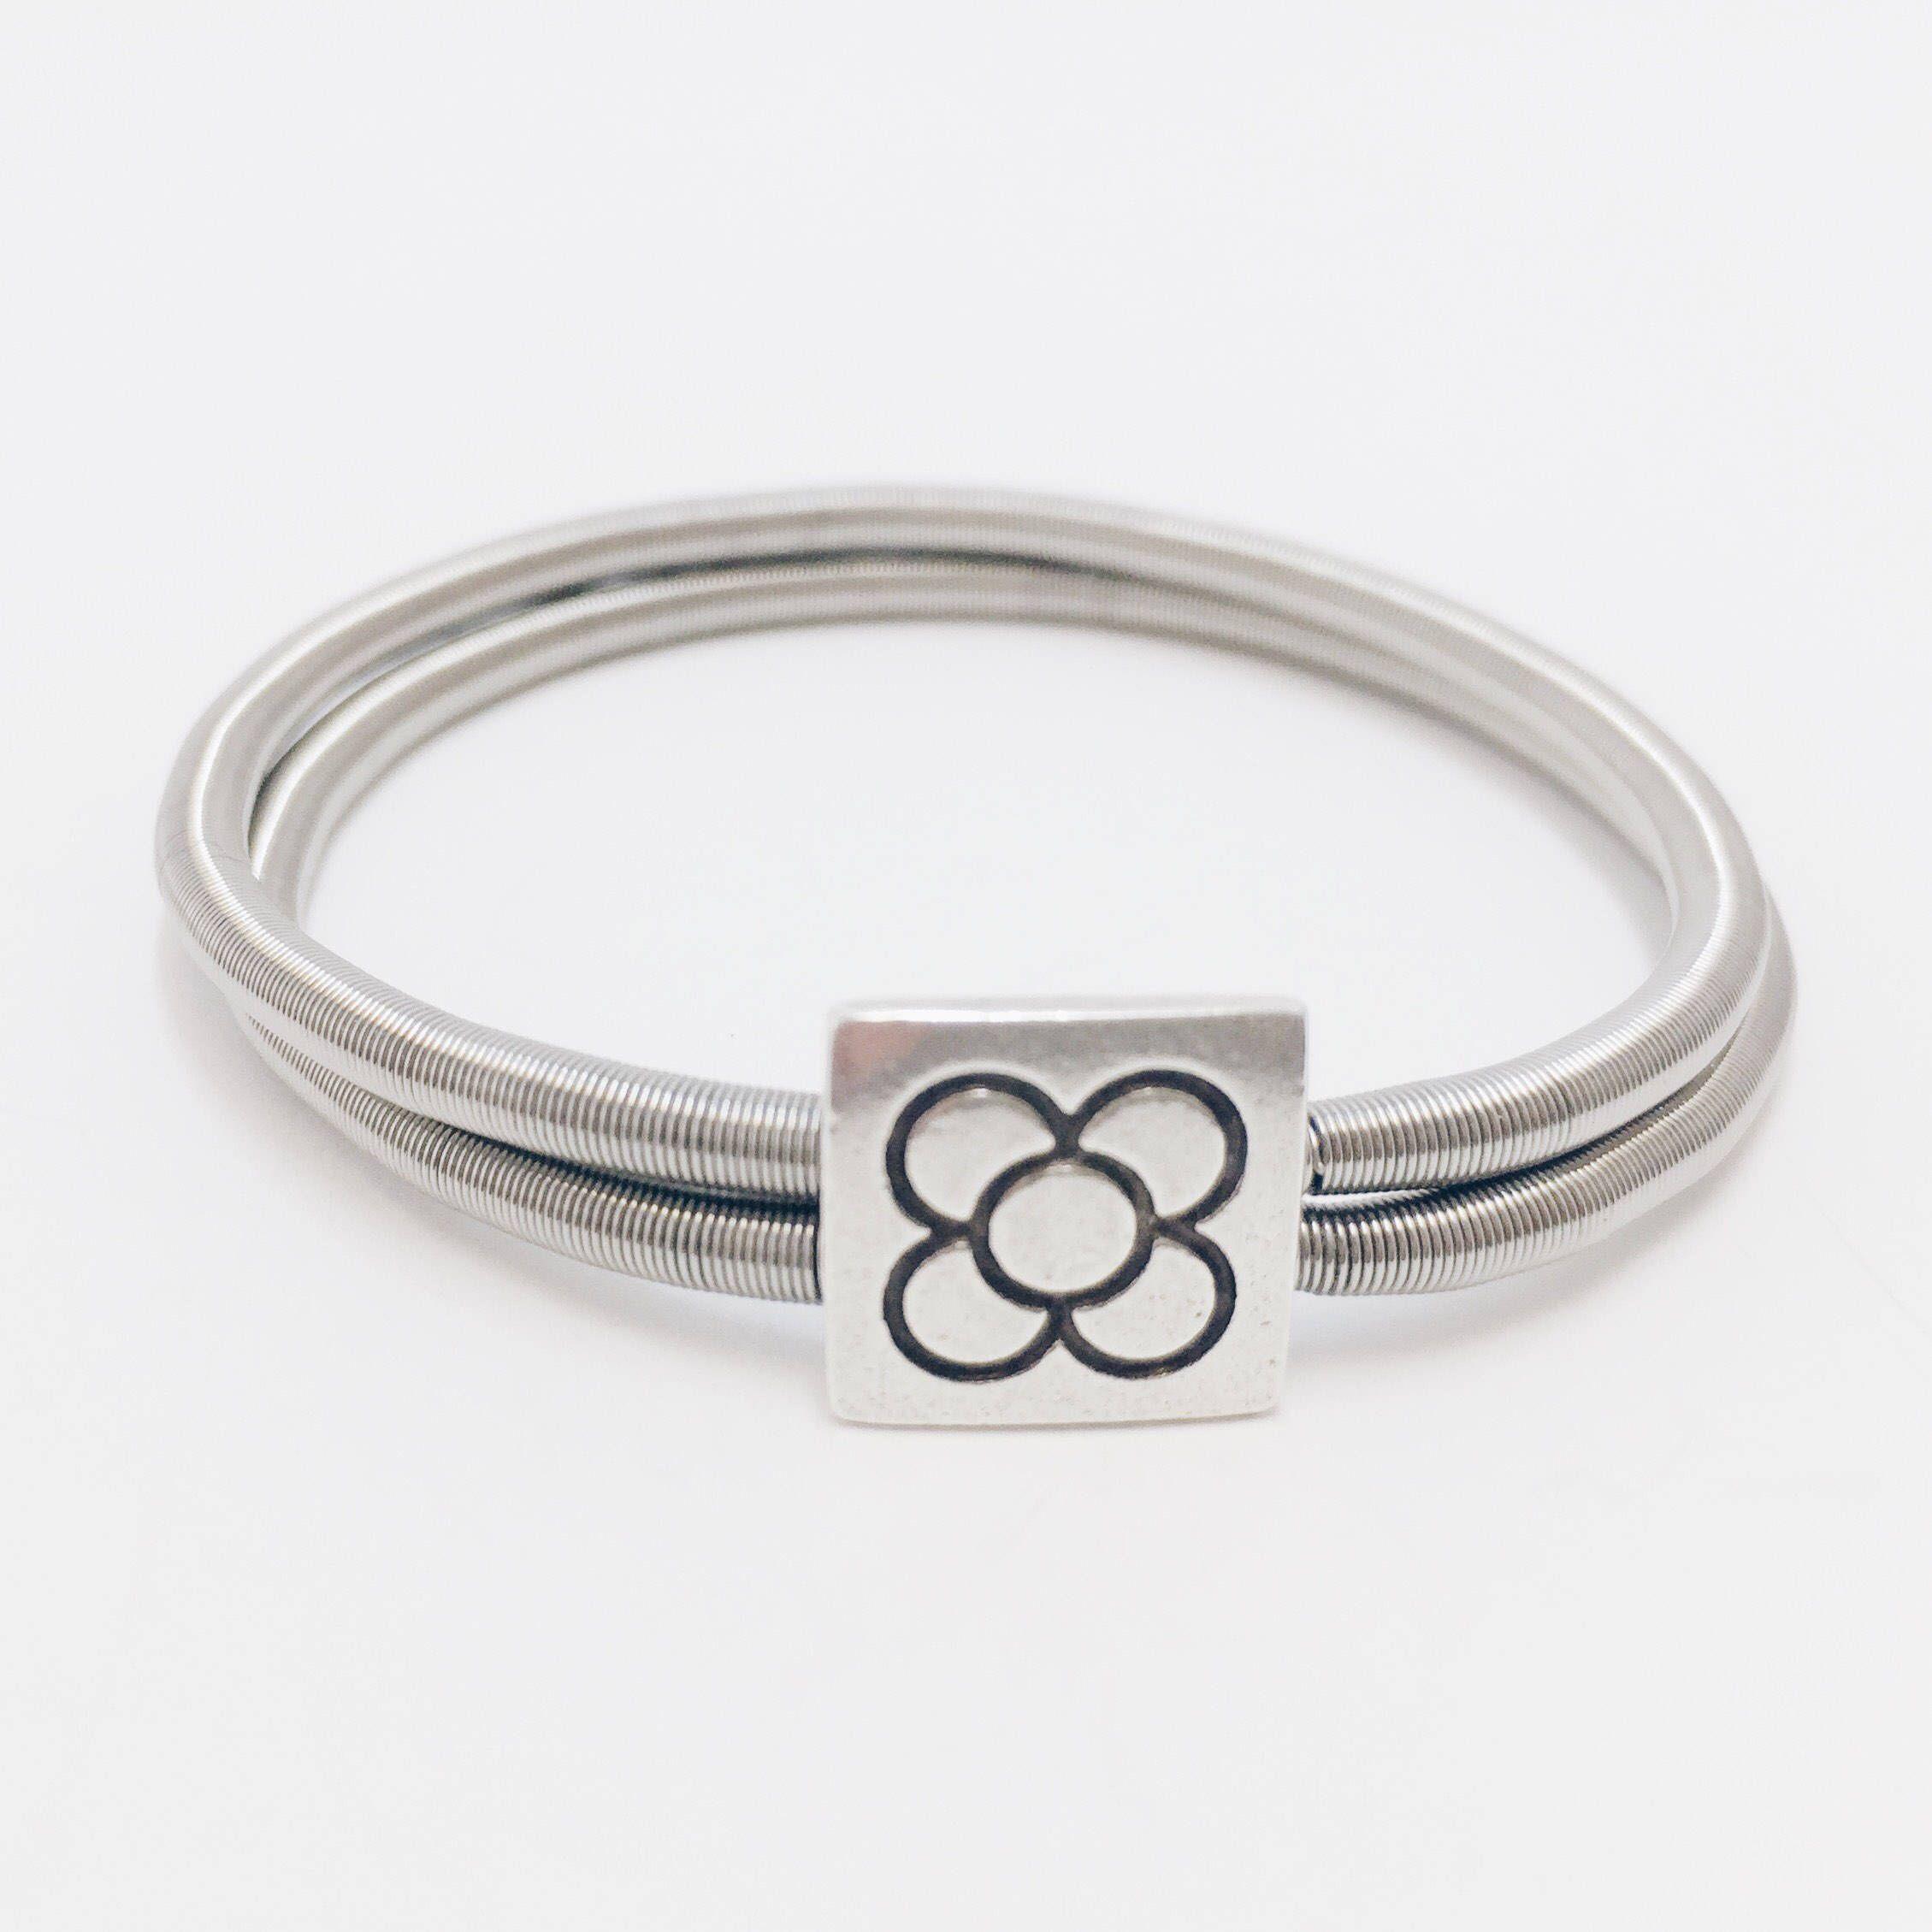 Barcelona gift Barcelona flower bracelet guitar string panot Barcelona bracelet panot flower bracelet flower bracelet